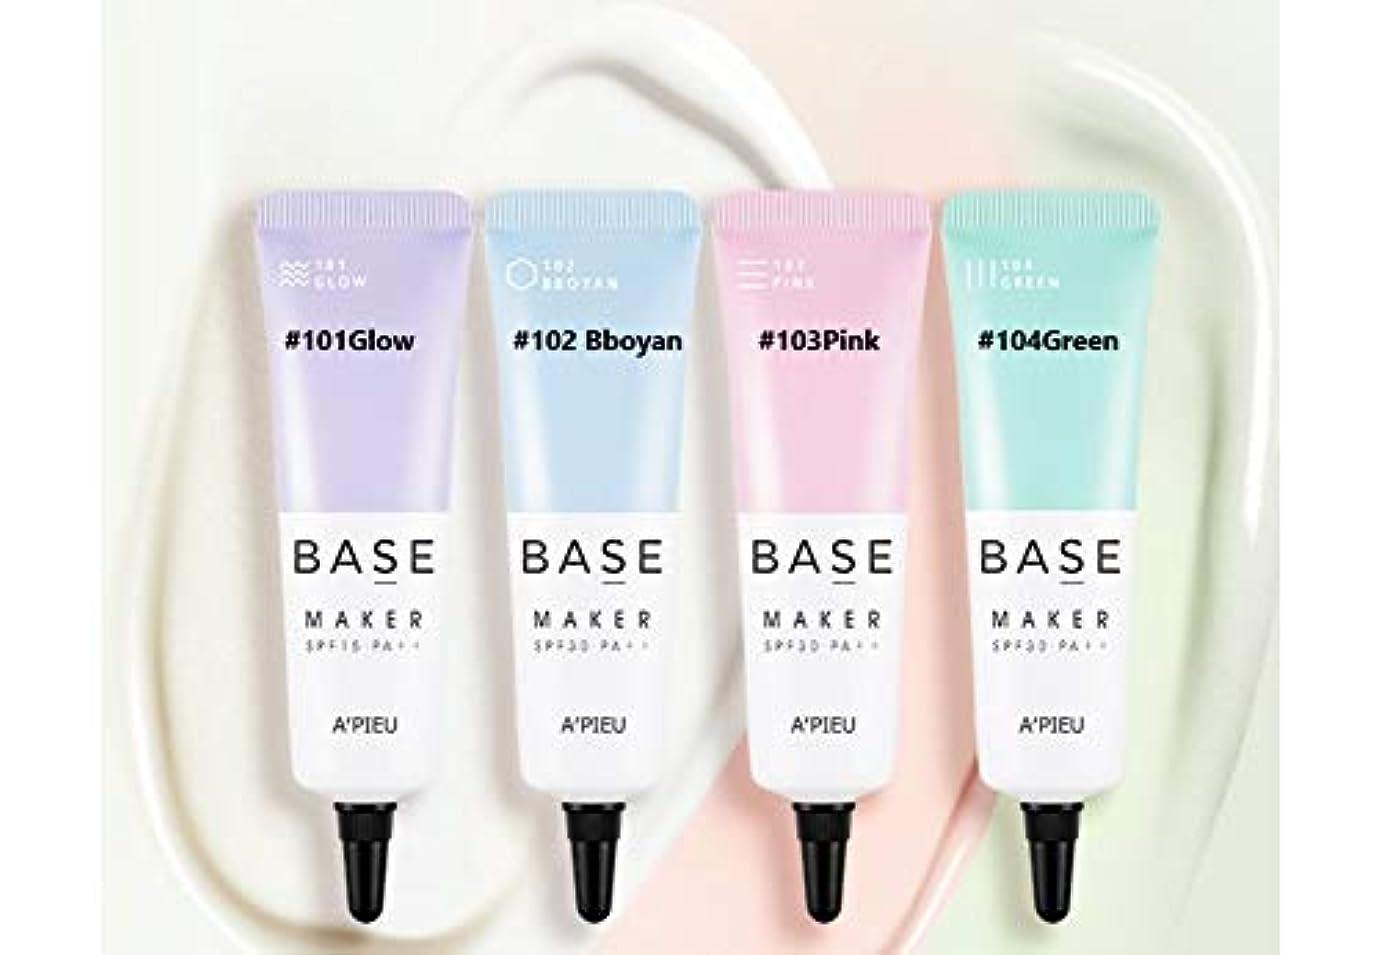 臭い使役傭兵APIEU☆Base Maker 20g ☆オピュ ベース メーカー20g全4色 [並行輸入品] (#103Pink)